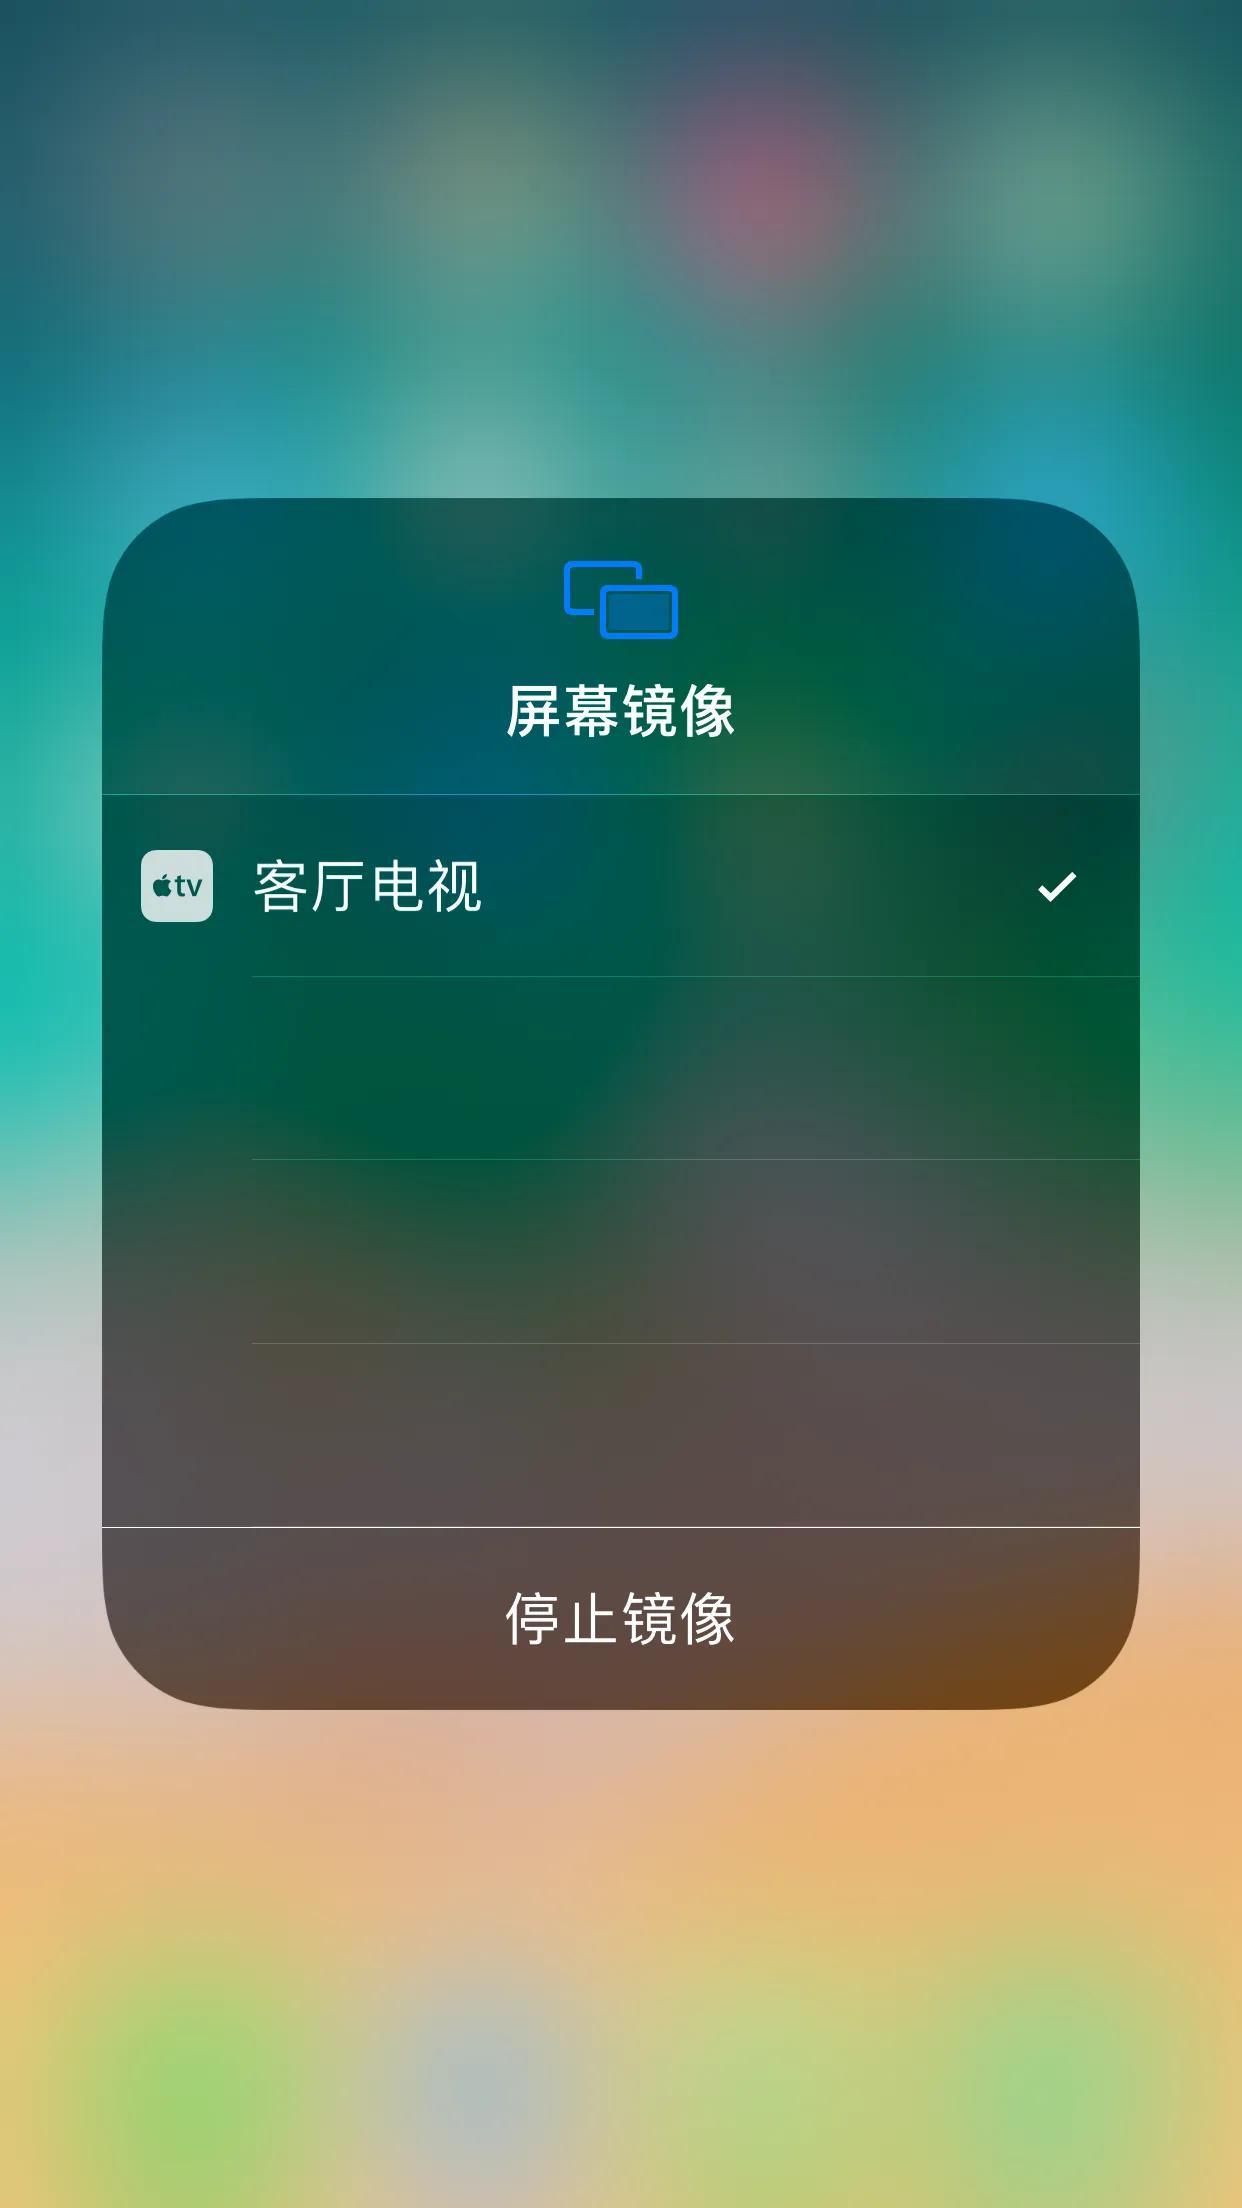 屏幕镜像是什么意思(苹果的屏幕镜像没反应)